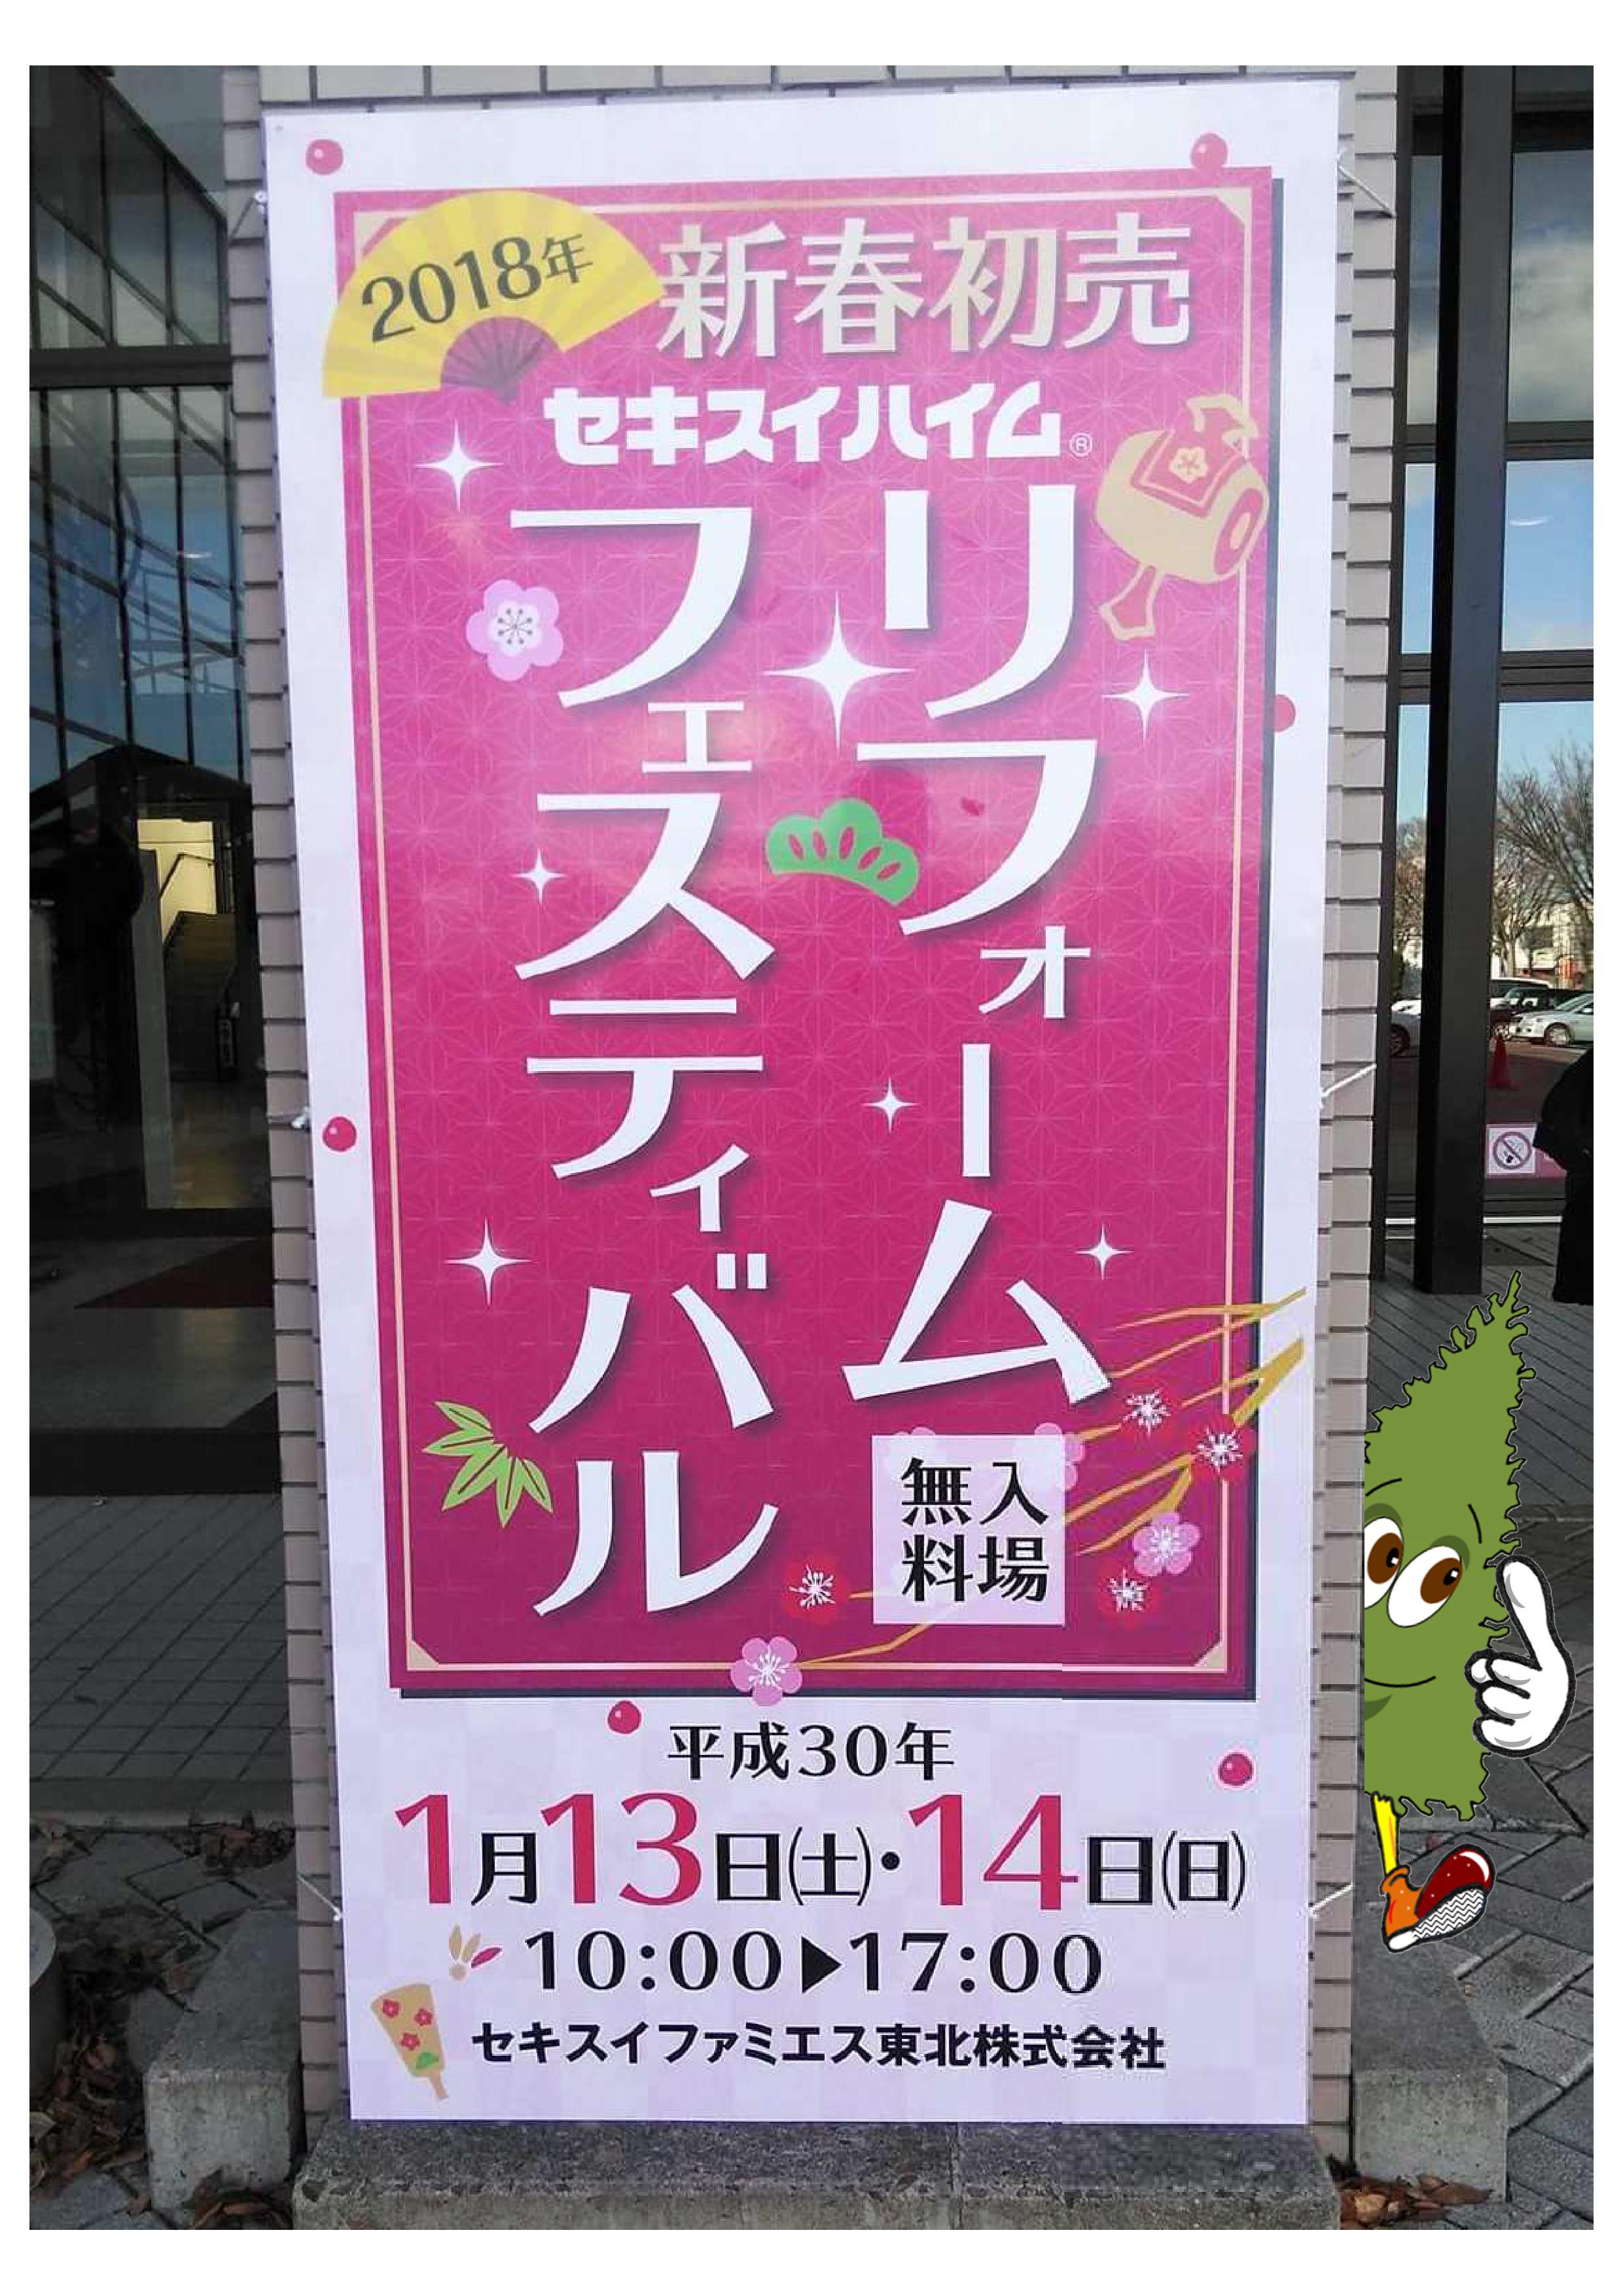 1月13日(土)・14日(日)はサンフェスタ!